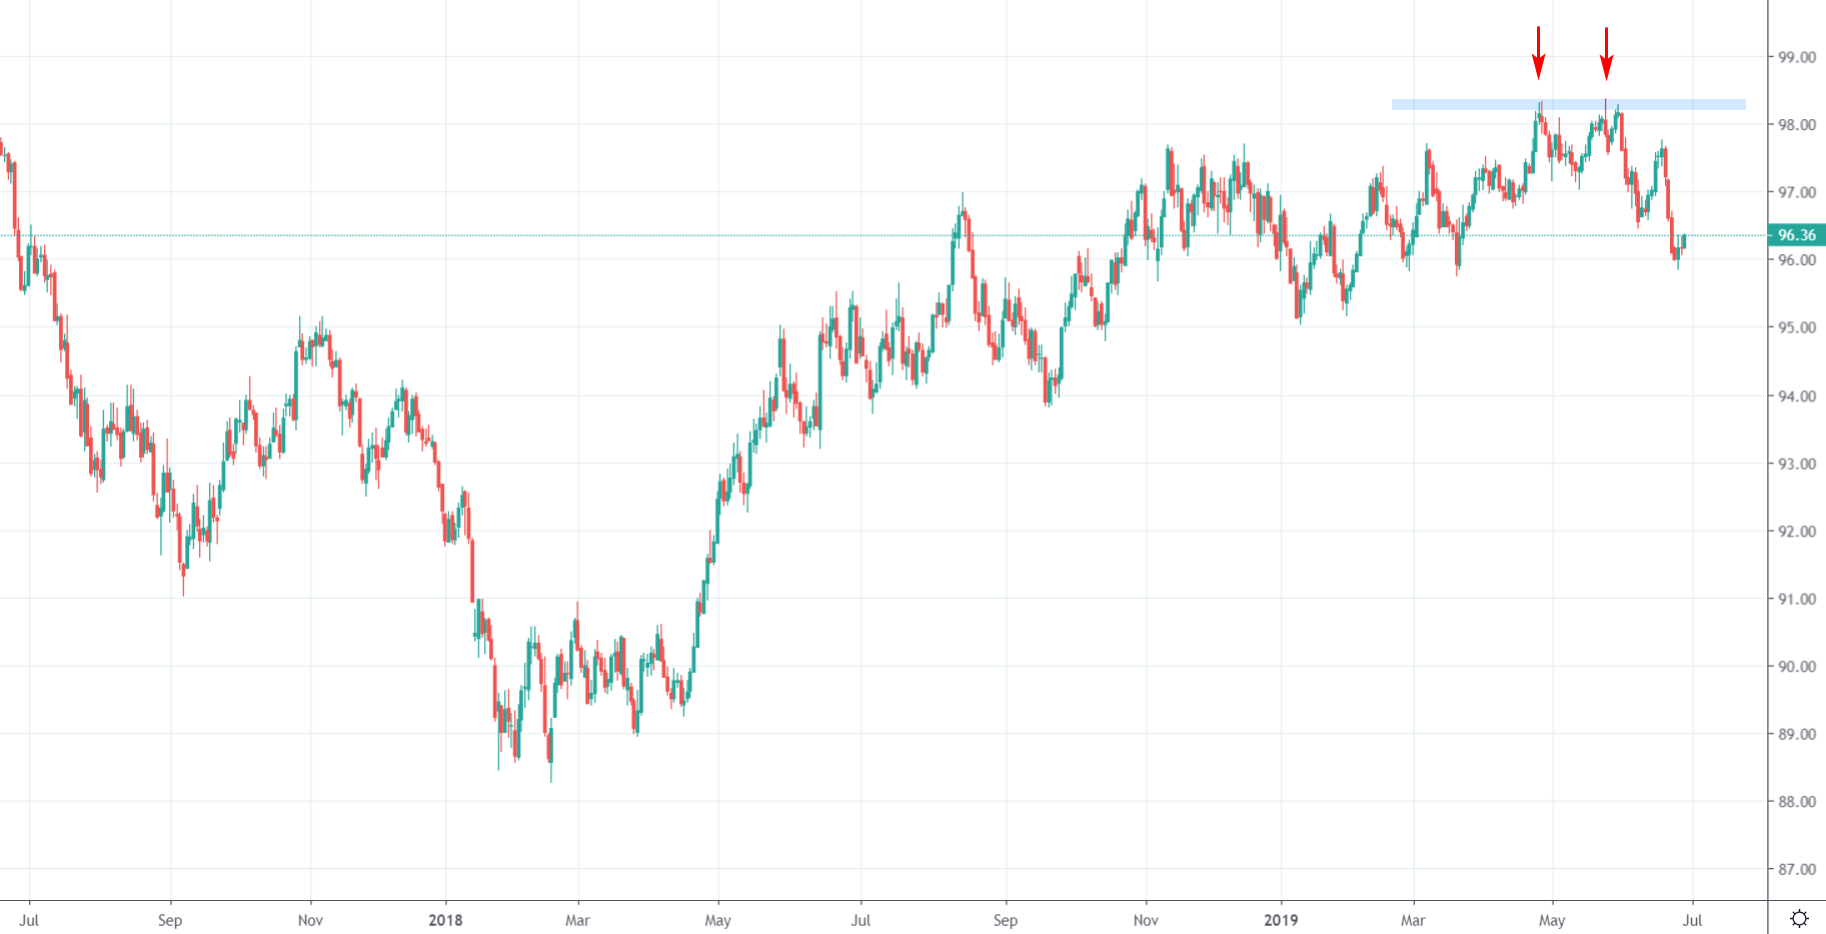 Wykres: notowania indeksu dolara amerykańskiego. Notowania nie były wstanie przebić na stałe poziomu 98, źródło: tradingview.com